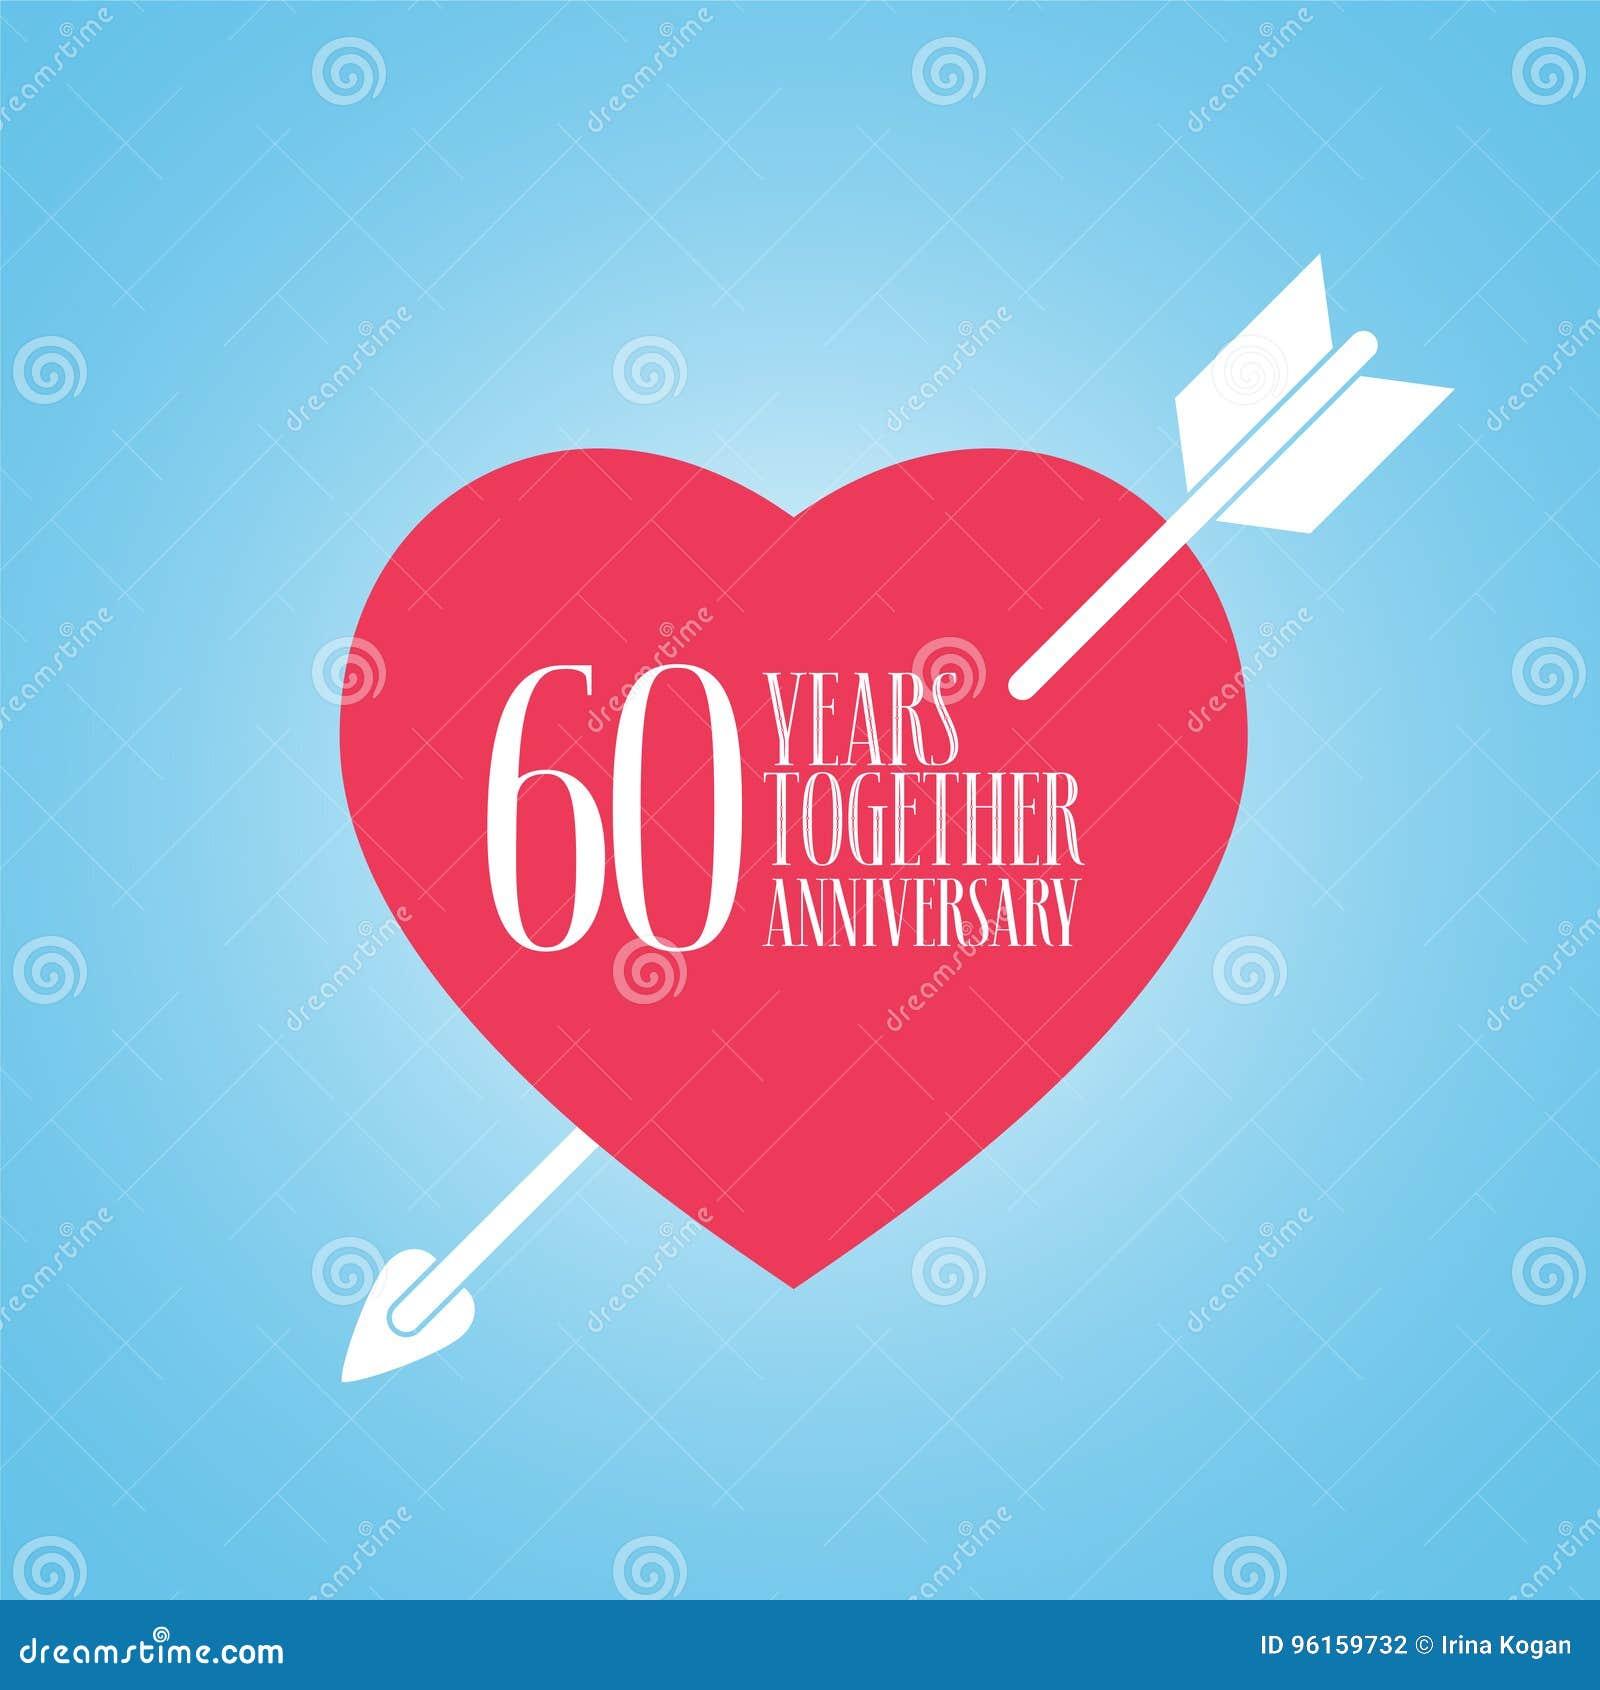 Anniversario 60 Anni Matrimonio.60 Anni Di Anniversario Dell Icona Di Vettore Di Matrimonio O Di